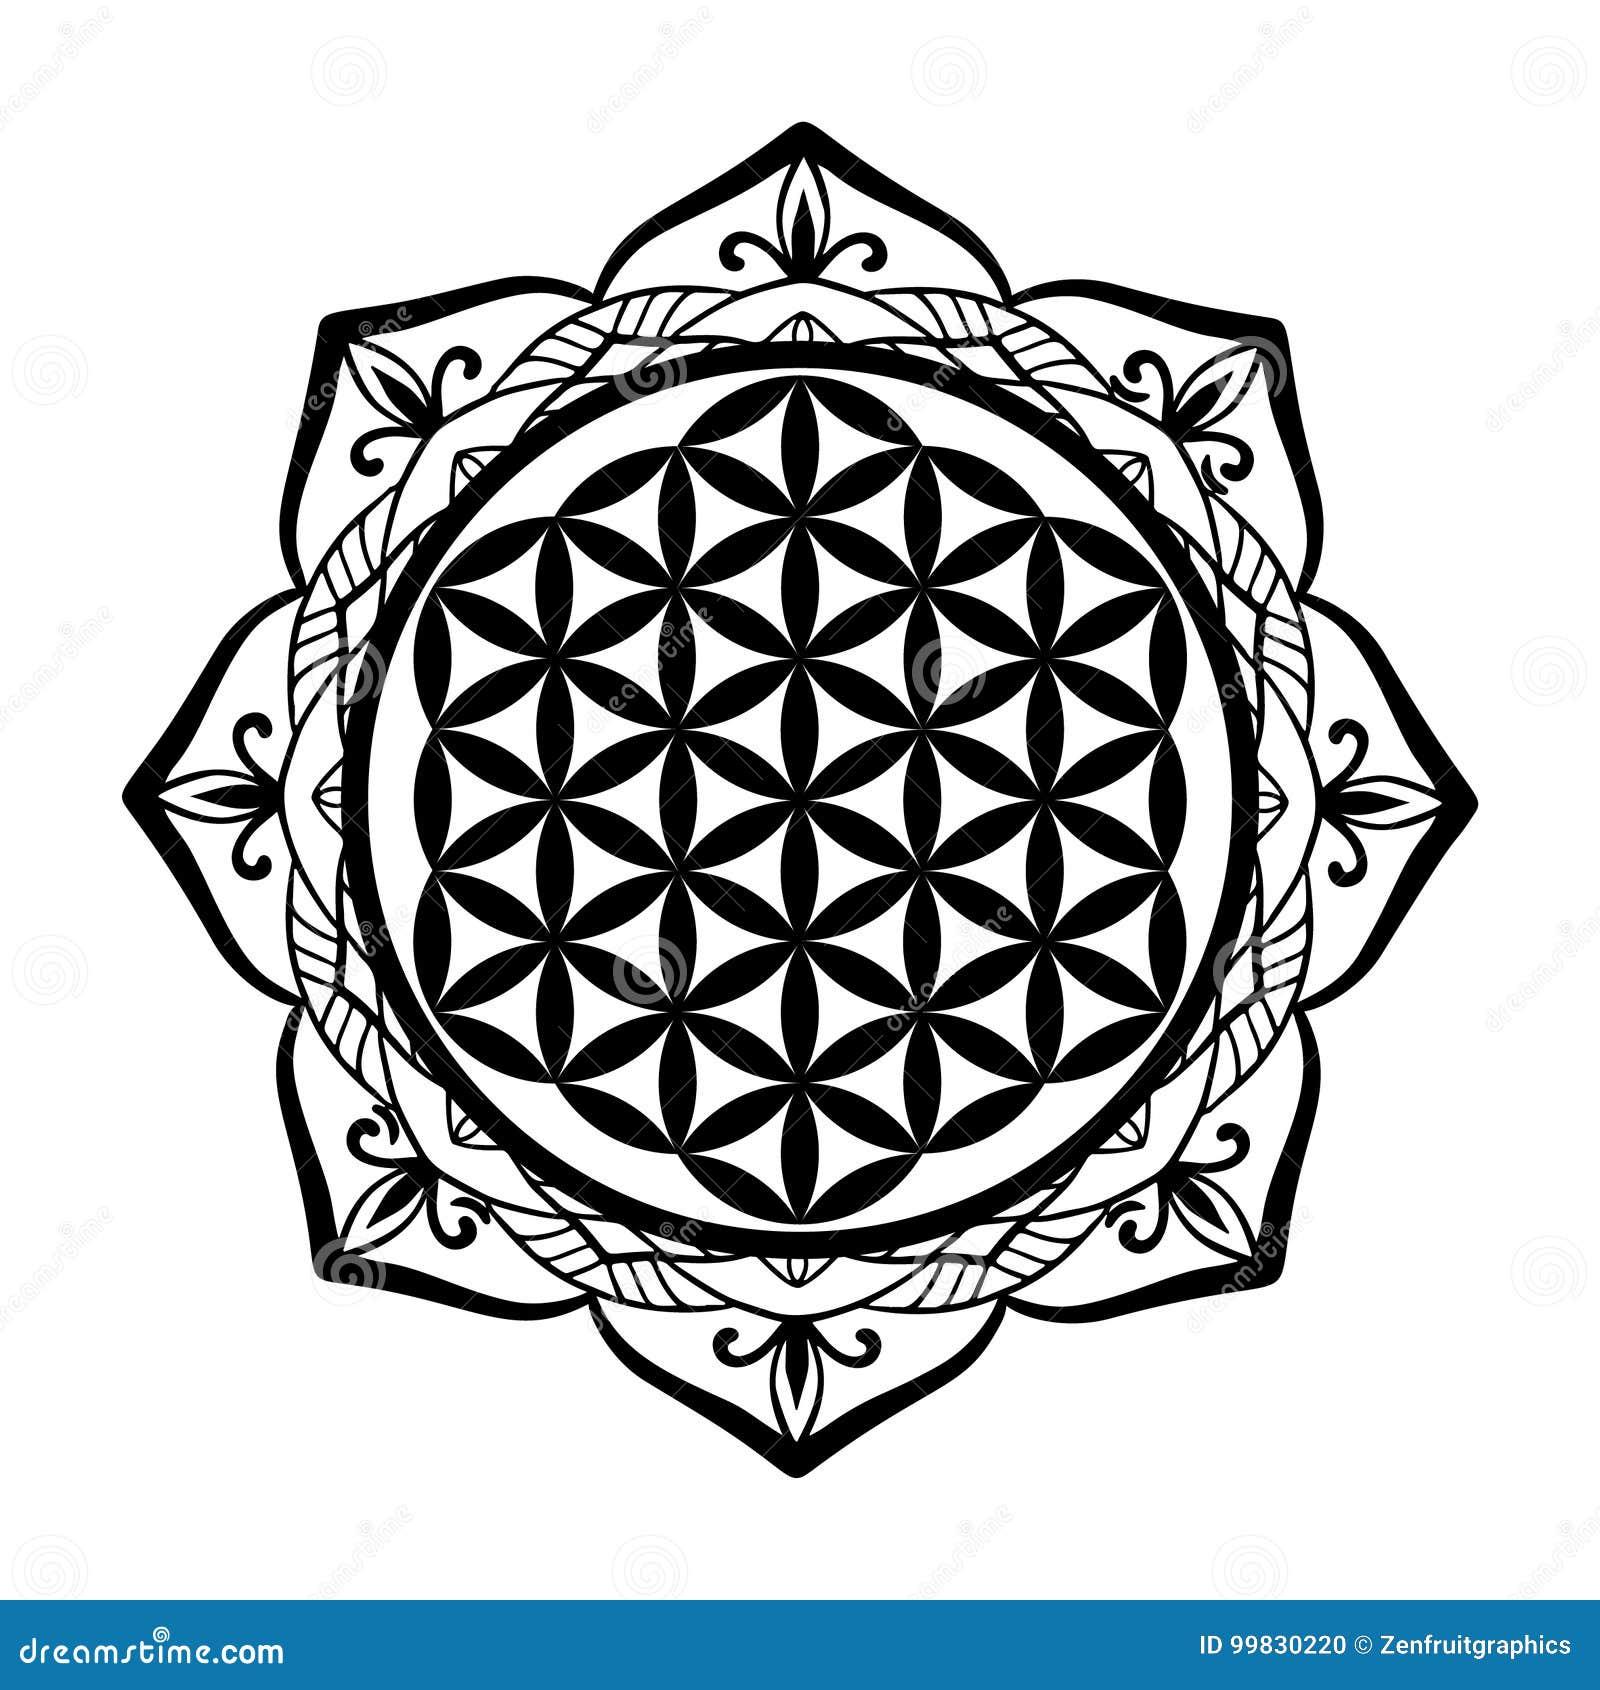 cadre de mandala et fleur de tatouage de la vie ou de calibre de pochoir alchimie sacr e de. Black Bedroom Furniture Sets. Home Design Ideas